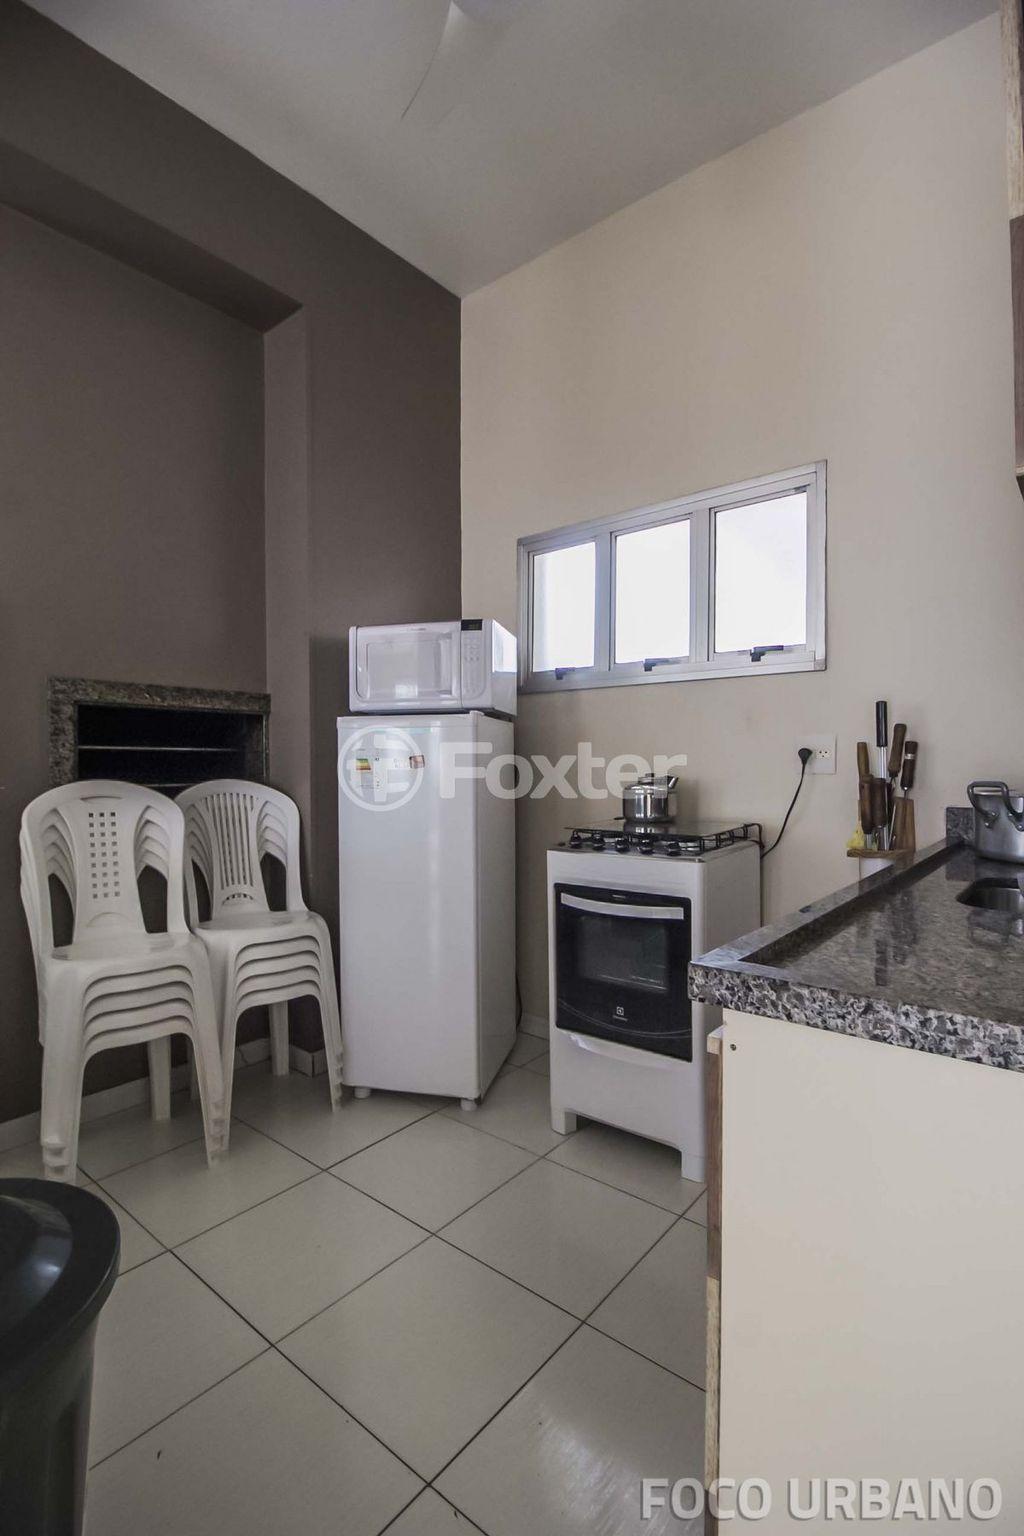 Foxter Imobiliária - Apto 3 Dorm, Sarandi (145449) - Foto 4